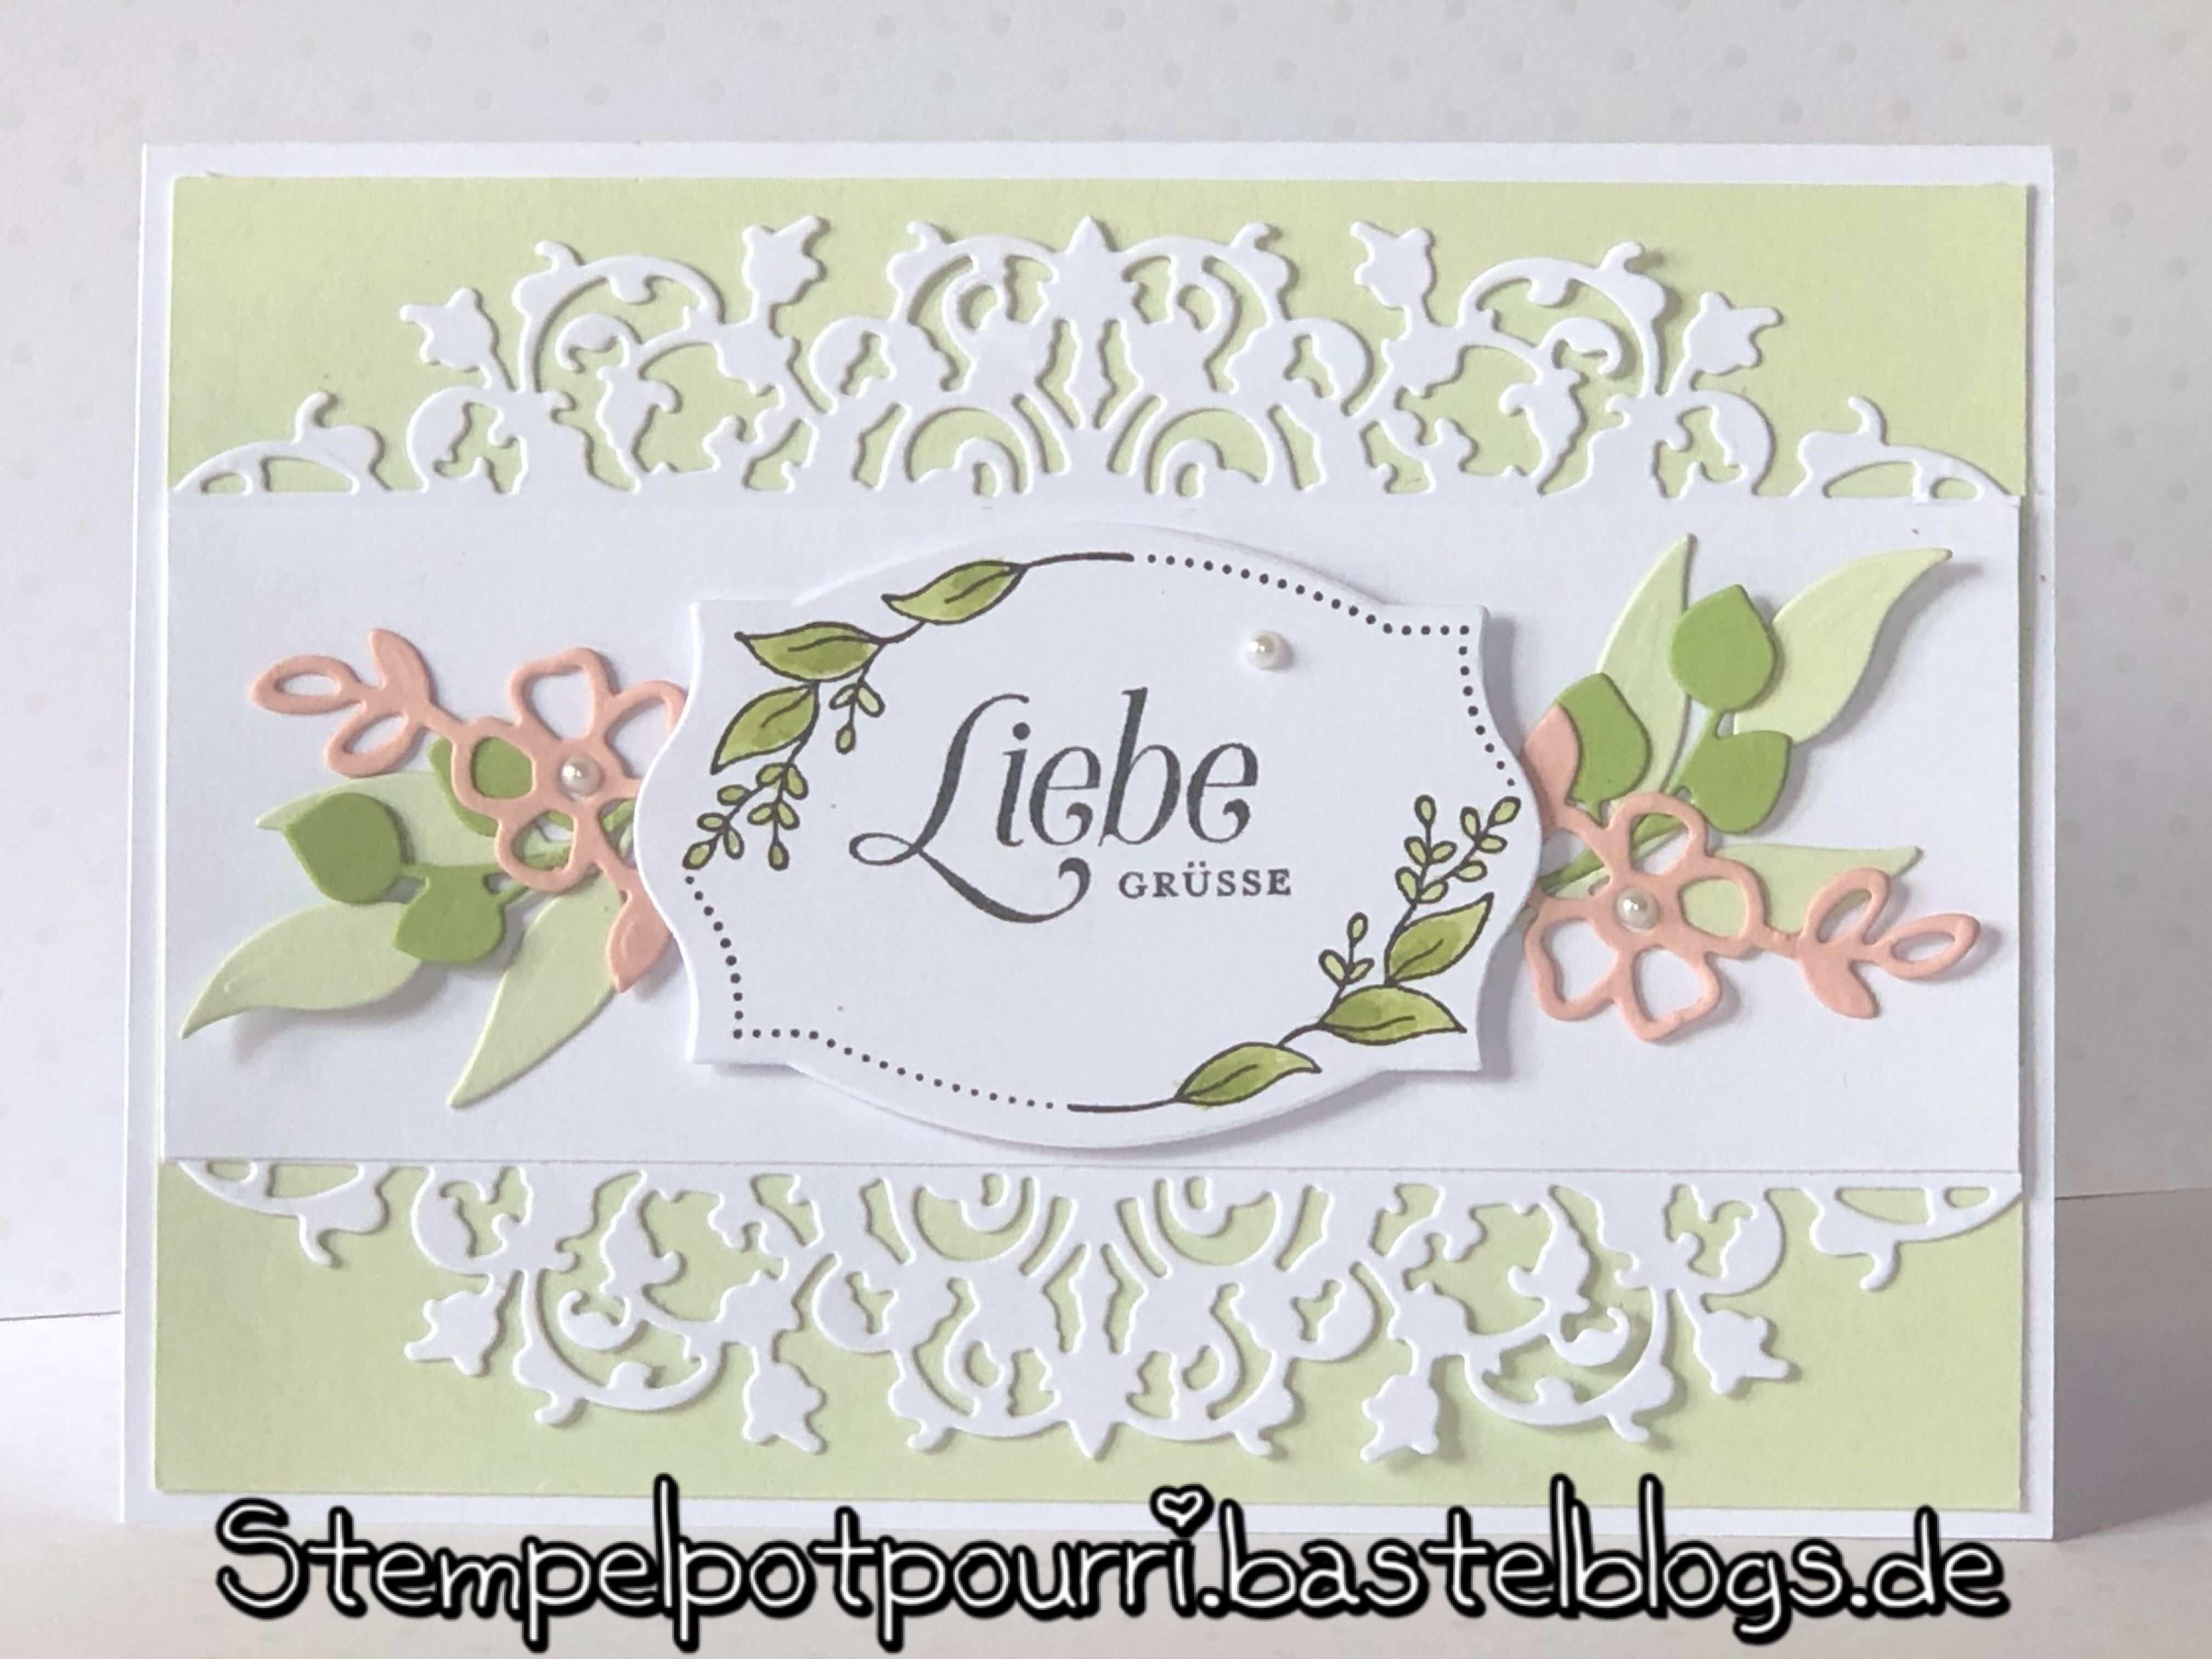 Stampin Up Edgelits Feine Spitze Stempelpotpourri Bastelblogs De Geburtstag Karte Geburtstagskarte Karten Basteln